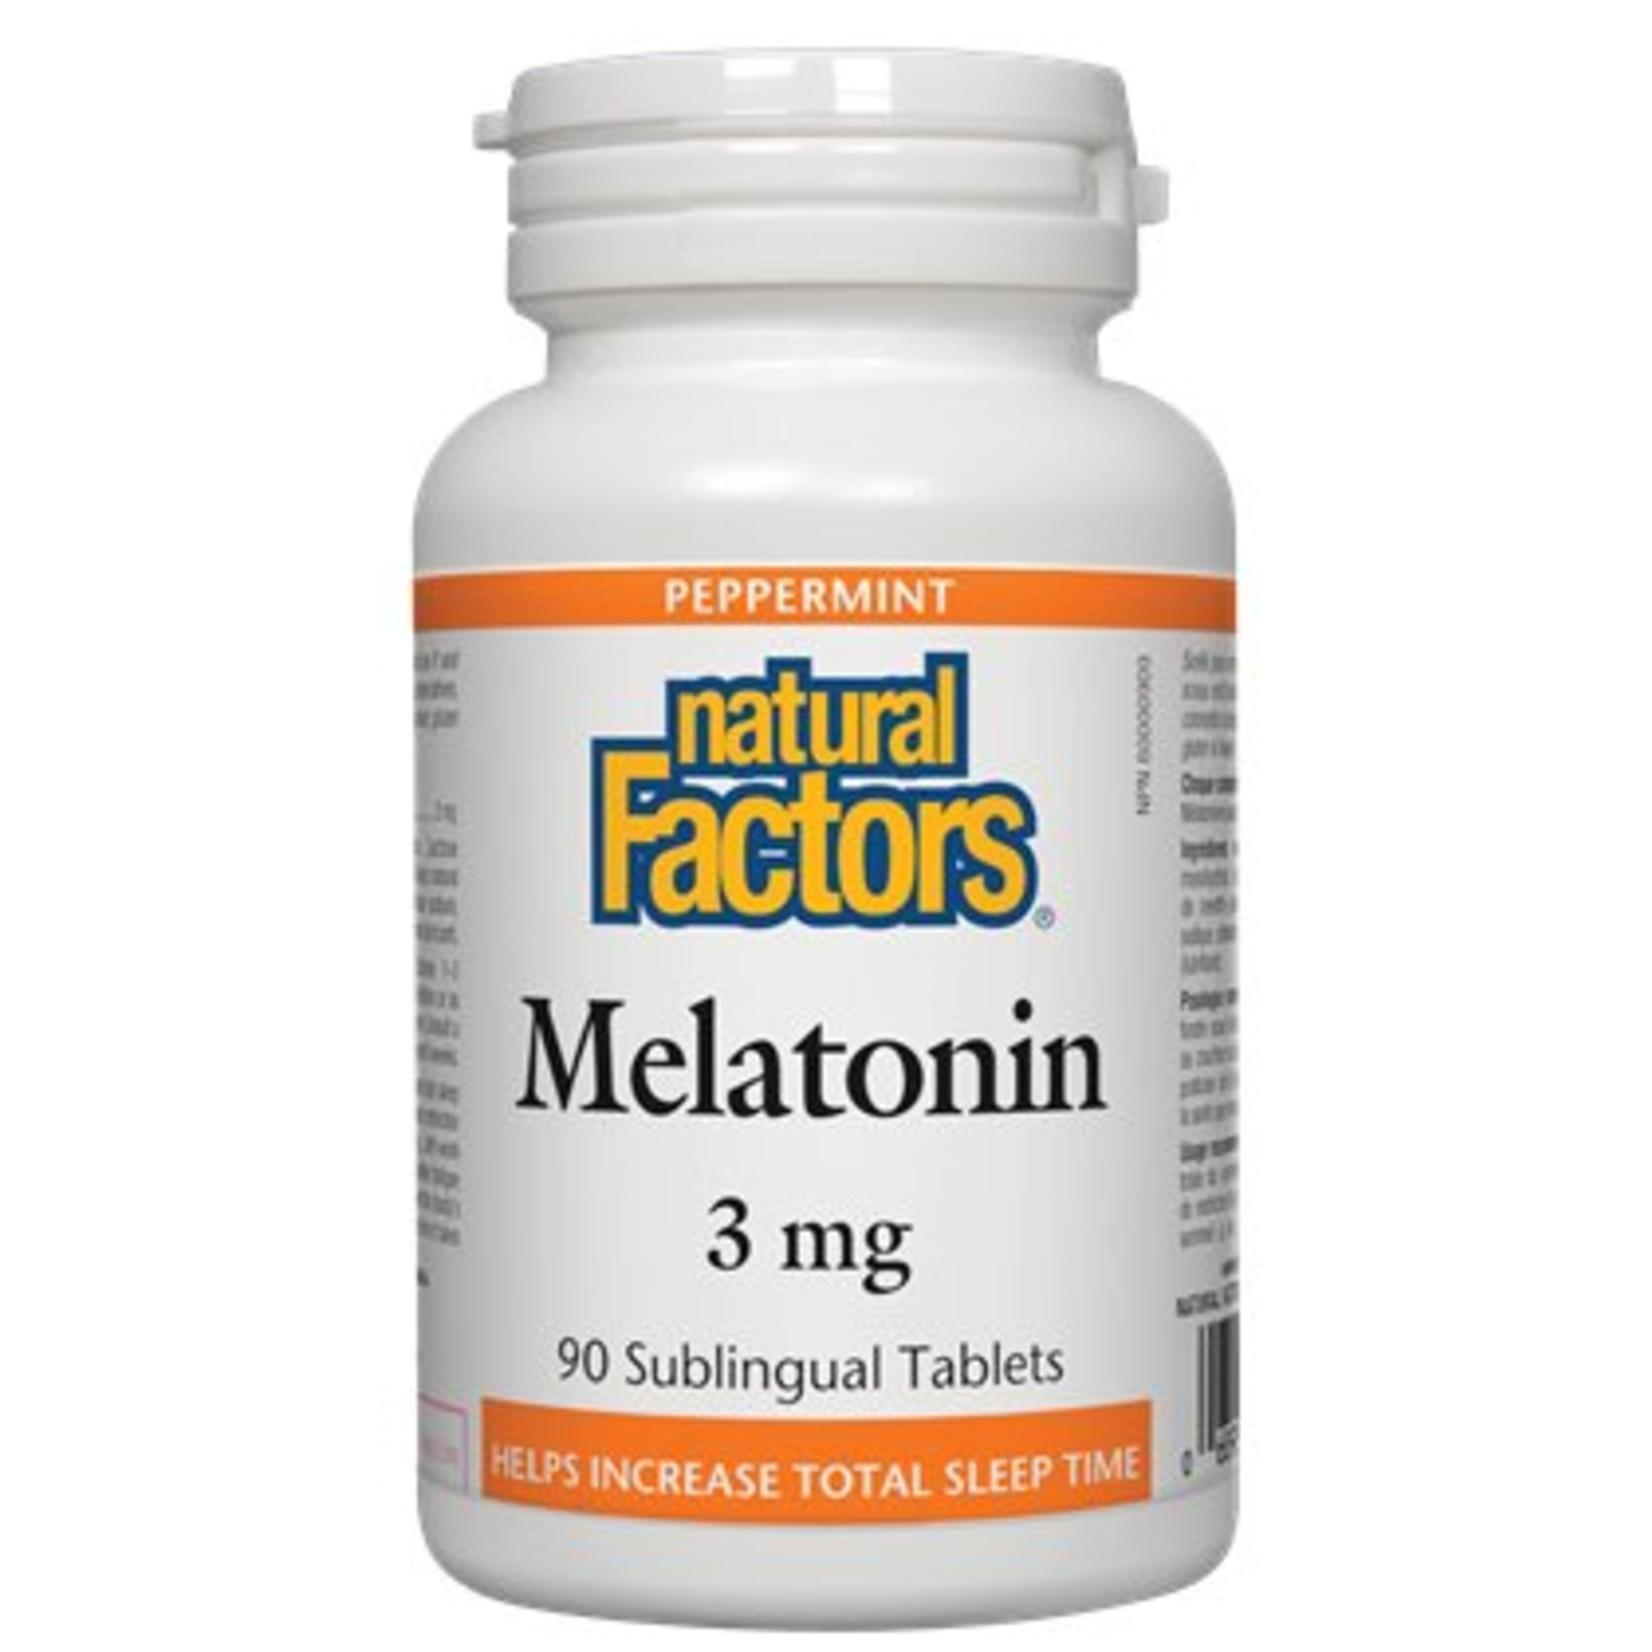 Natural Factors Natural Factors Melatonin 3mg Subling Tab 90